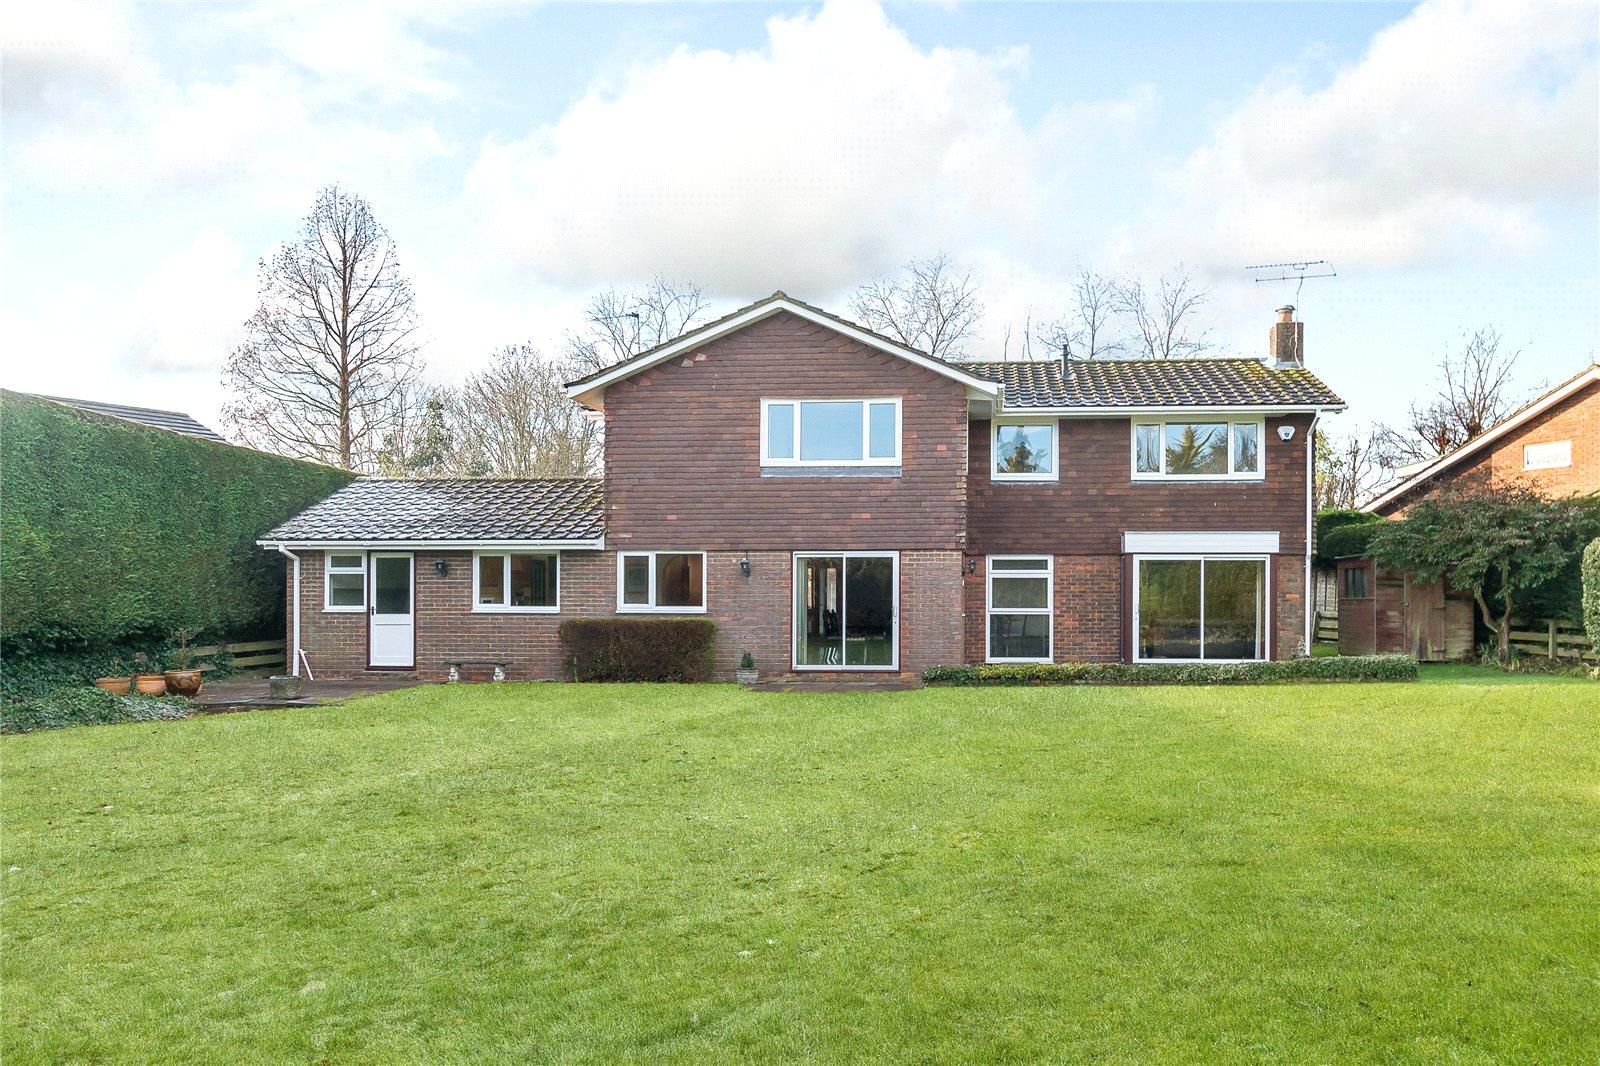 Μονοκατοικία για την Πώληση στο The Deerings, Harpenden, Hertfordshire, AL5 Harpenden, Αγγλια